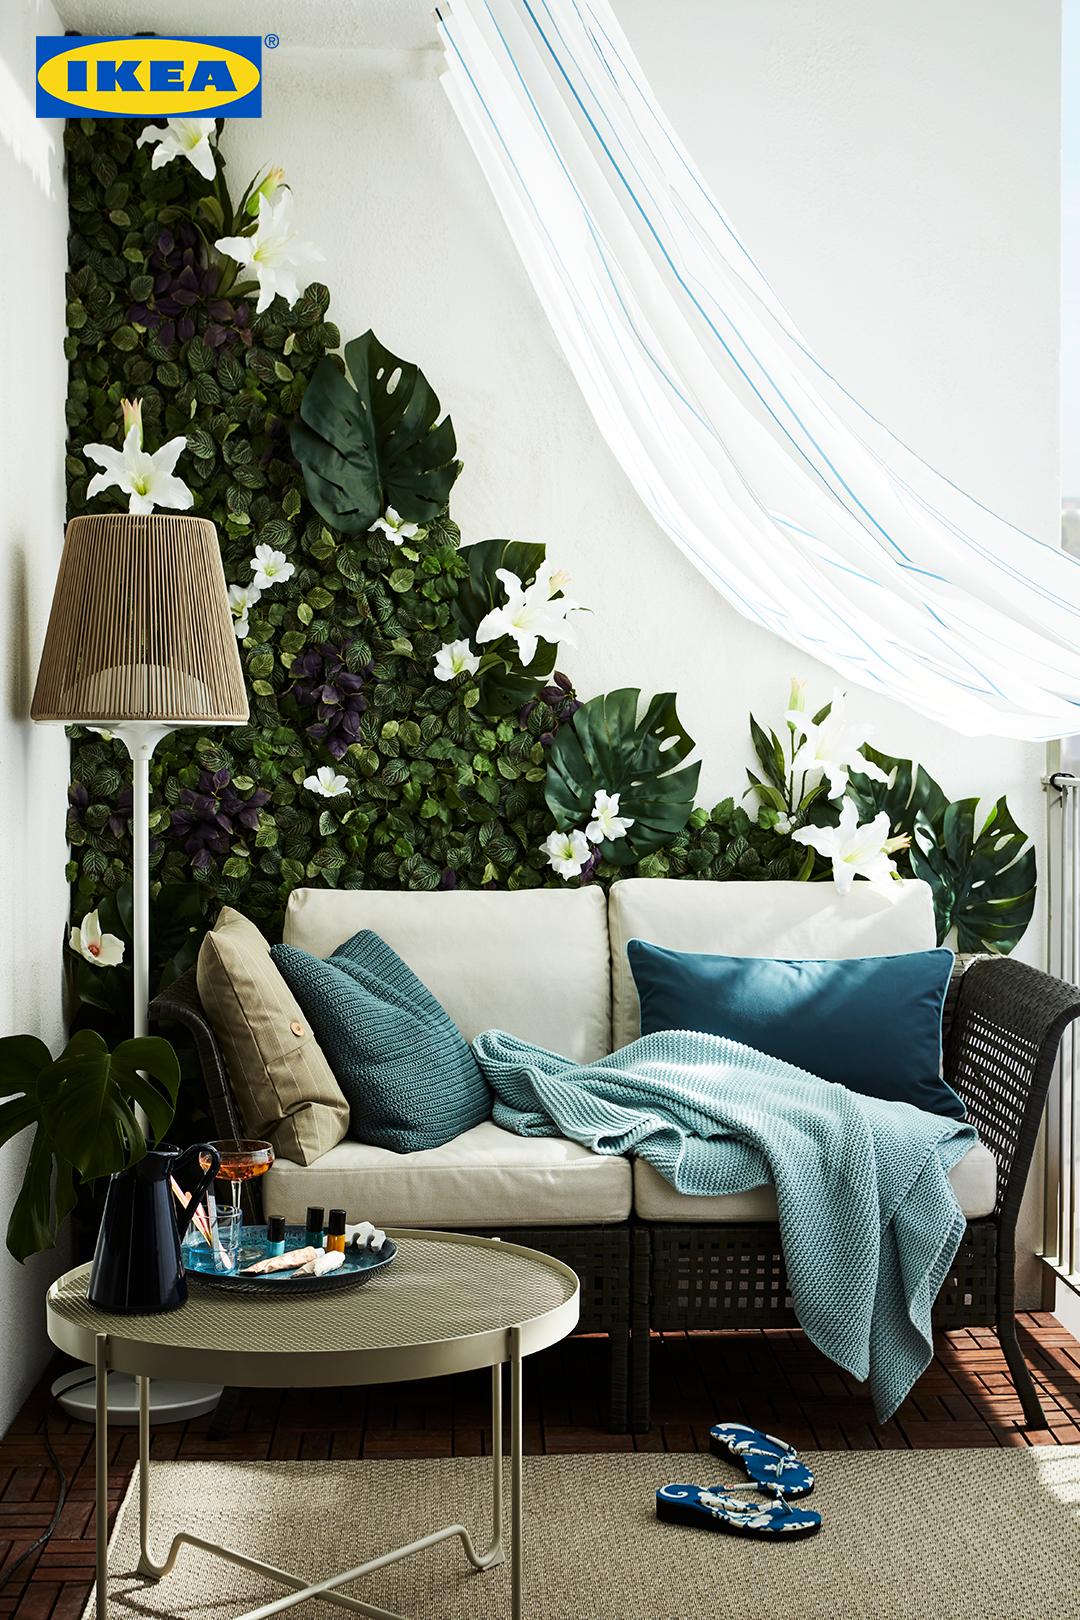 Full Size of 115 Besten Bilder Von Ikea Garten In 2020 Miniküche Küche Kosten Modulküche Kaufen Sofa Mit Schlaffunktion Betten Bei 160x200 Abfallbehälter Wohnzimmer Abfallbehälter Ikea